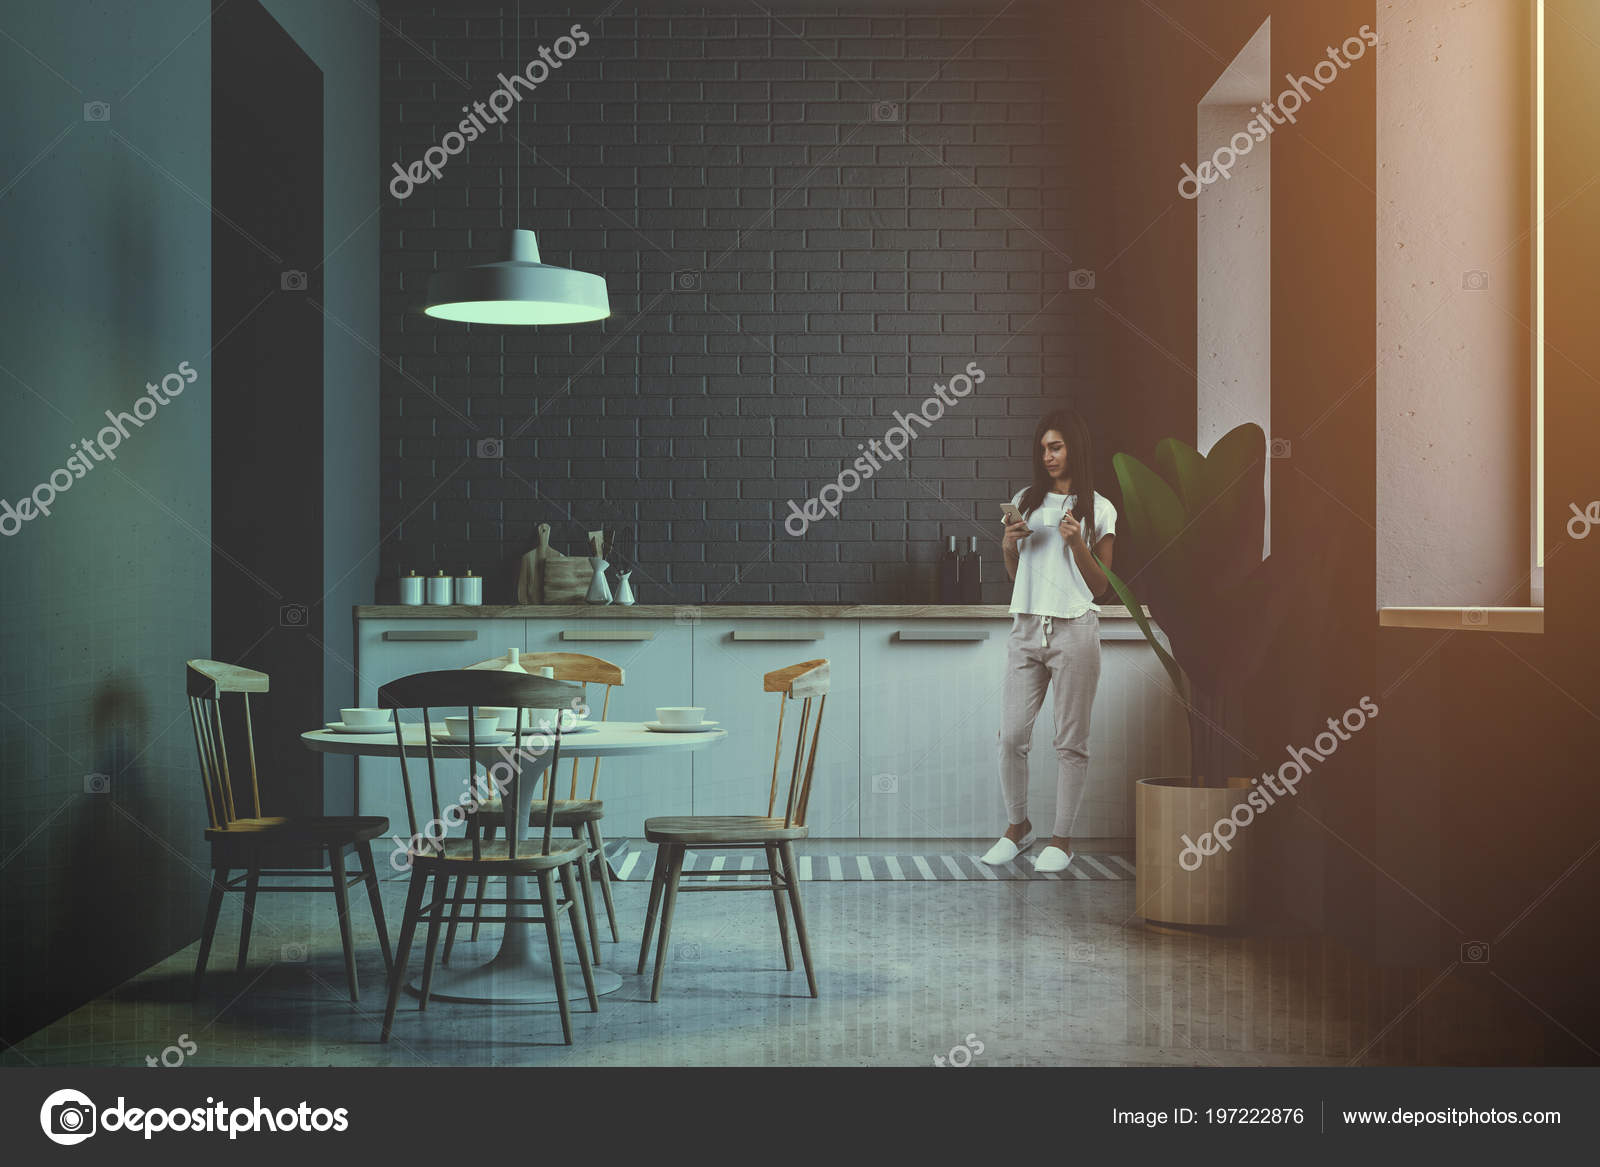 Comedor Teléfono Con Mesada Ladrillo Mujer Gris Una Cocina OkZPXiTu